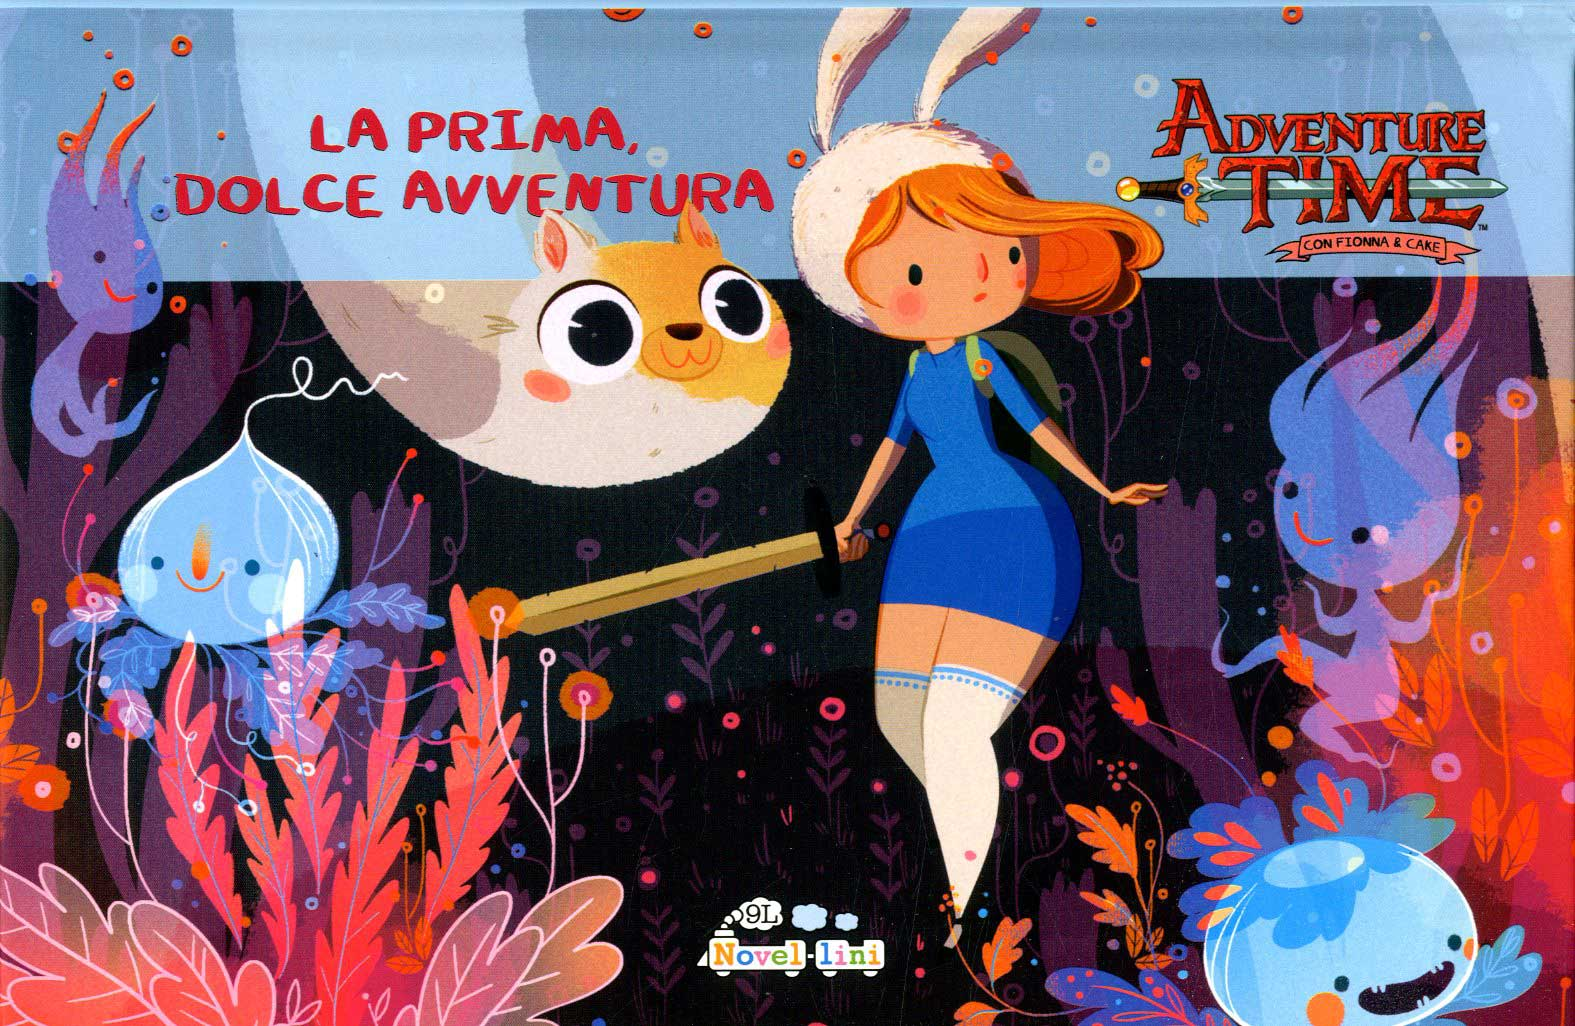 Adventure Time con Fionna & Cake